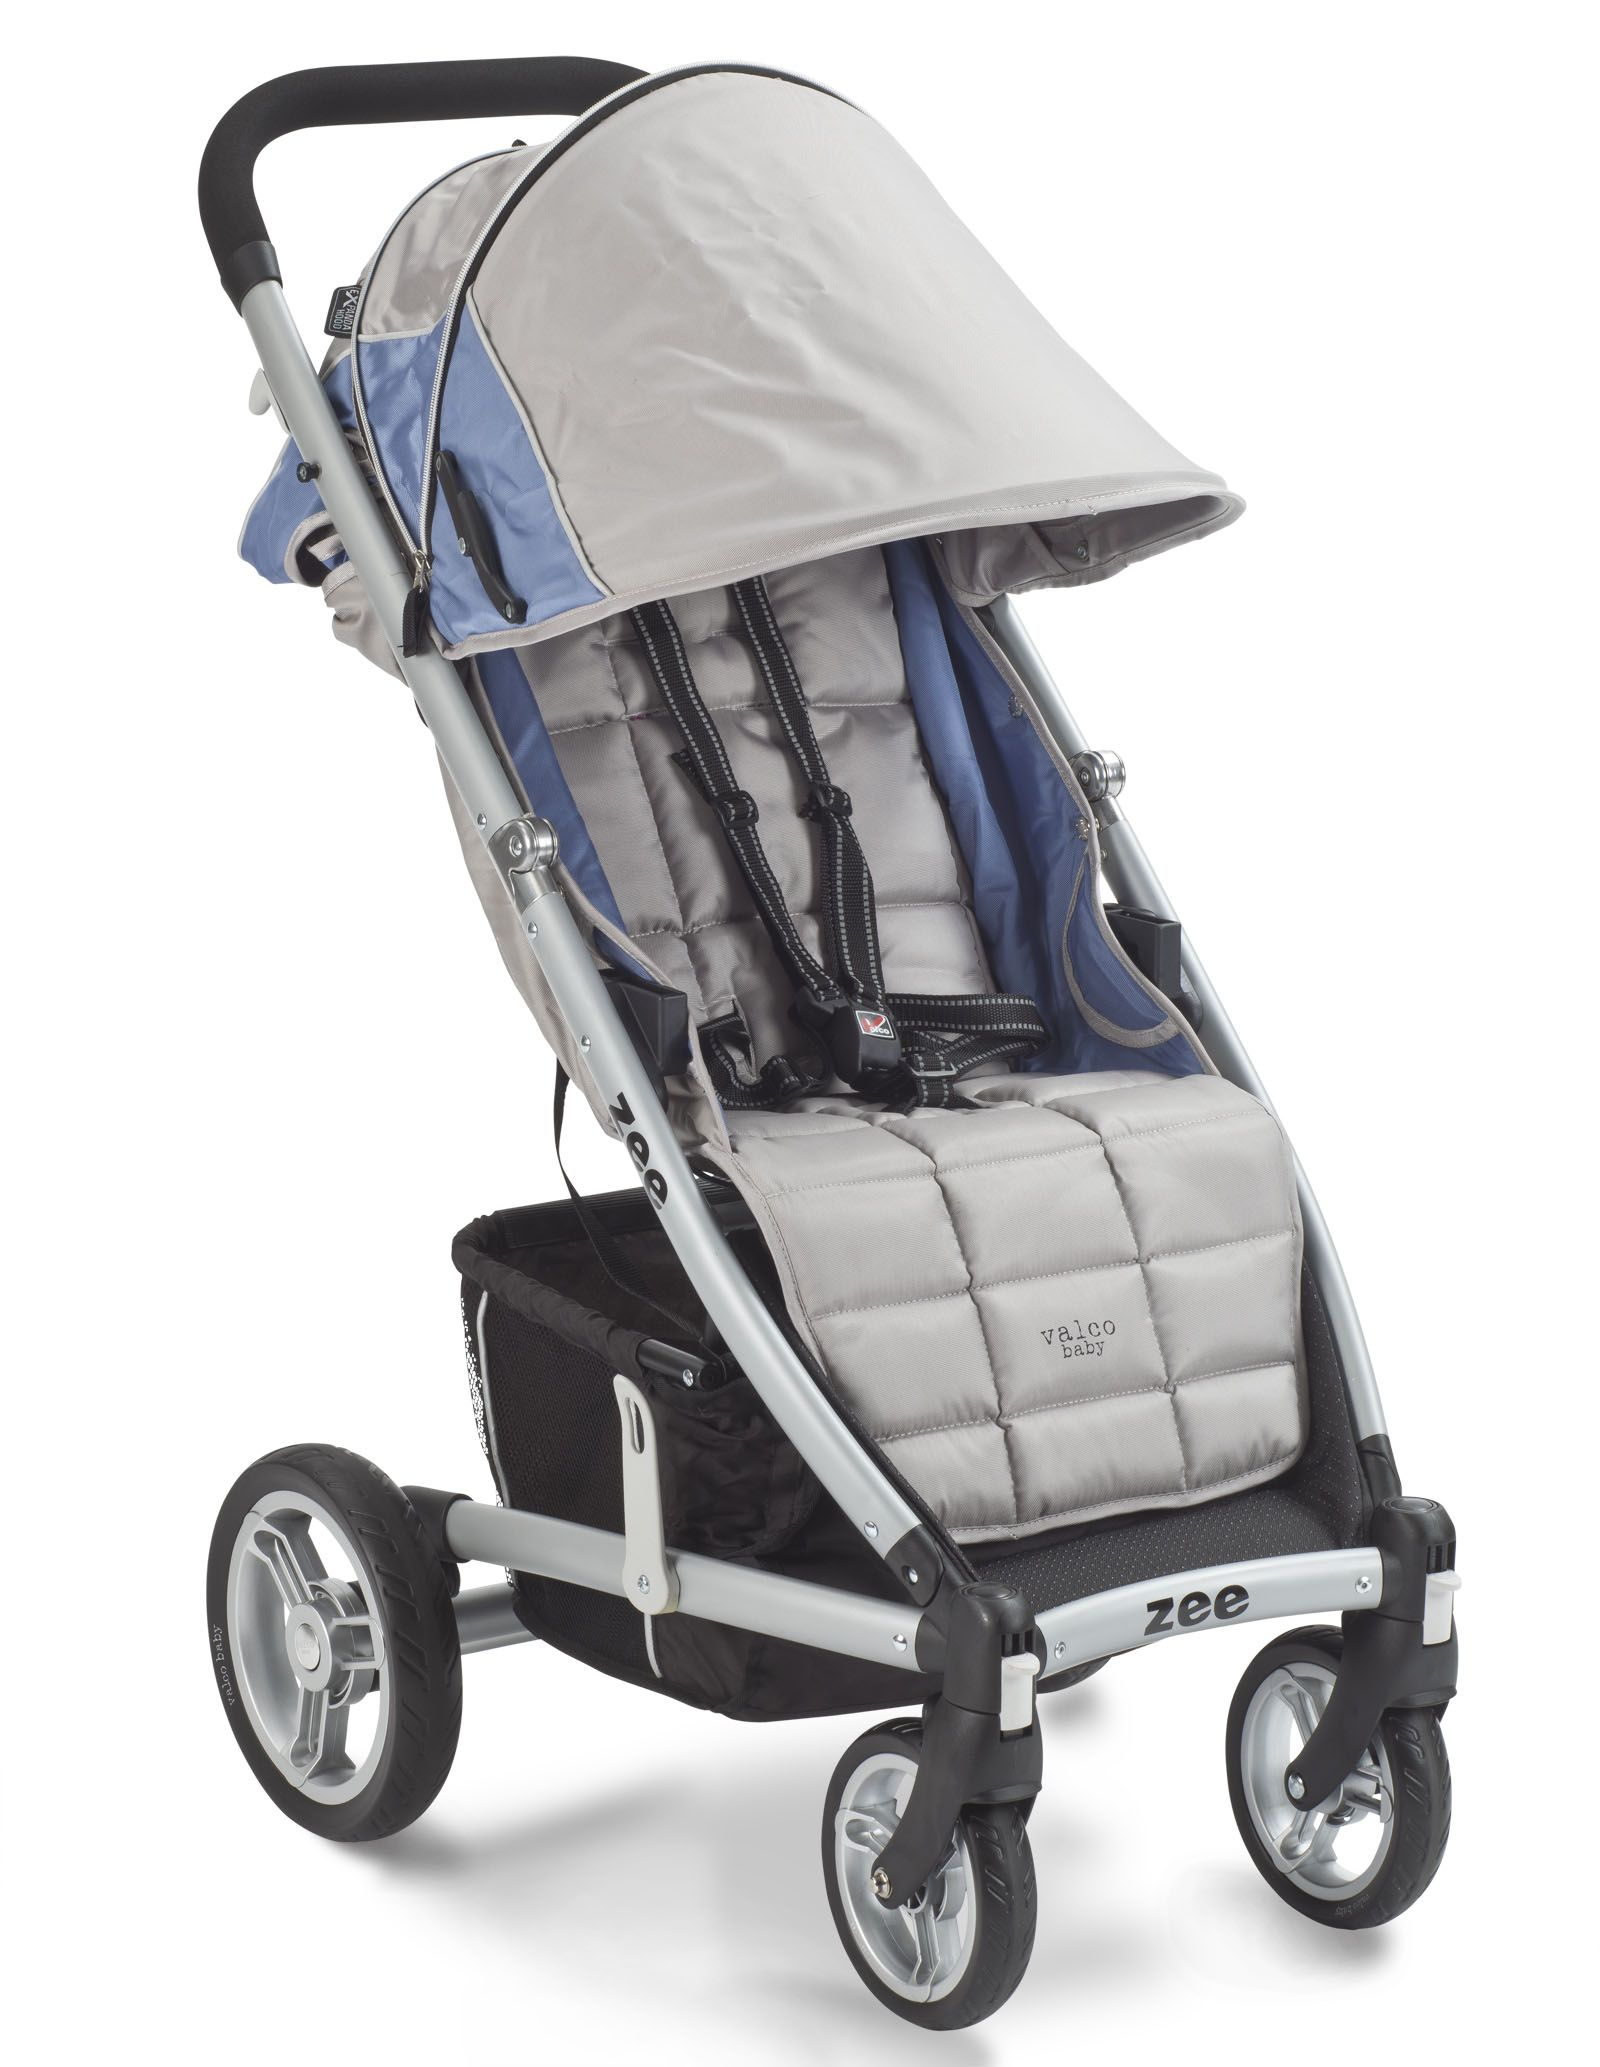 Sapphire Zee Single stroller, Stroller, Baby strollers